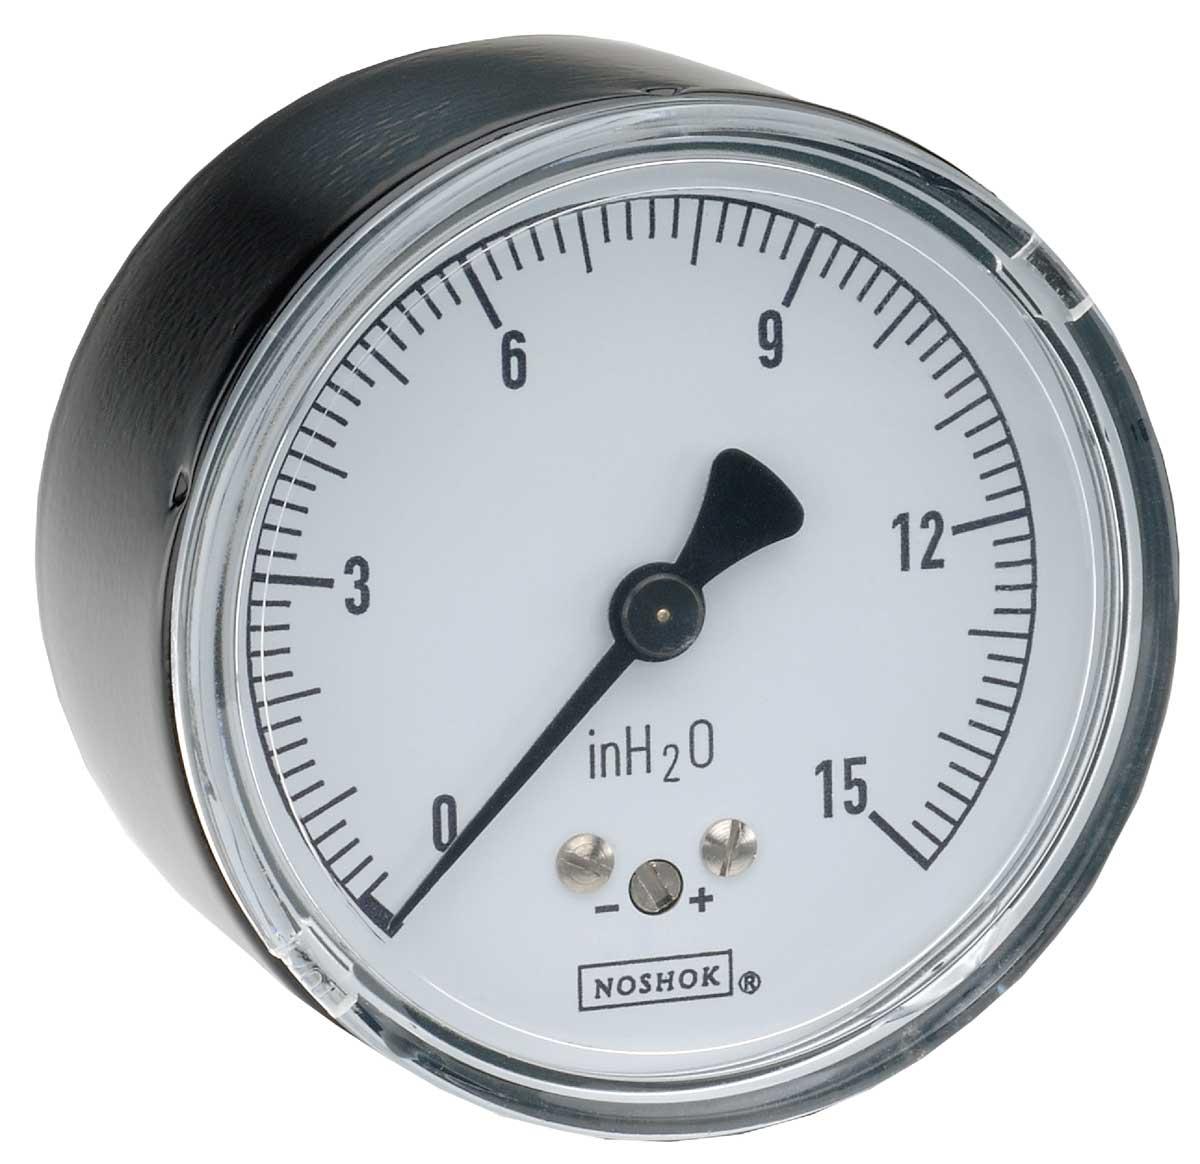 Soluciones para medici n de nivel 31 de enero de 2012 for Manometro para medir presion de agua